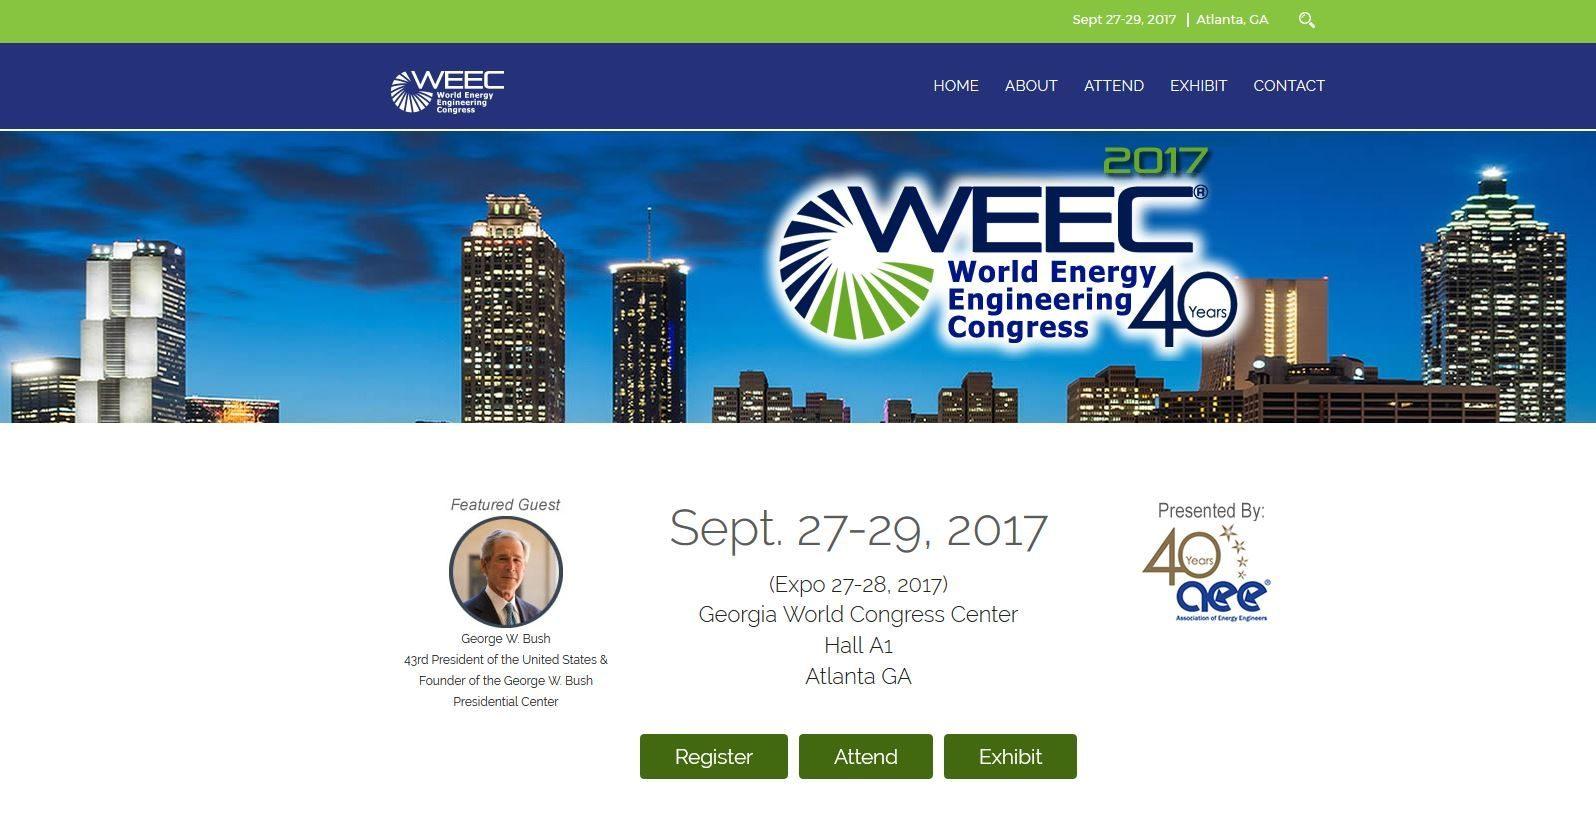 Image courtesy of energycongress.com